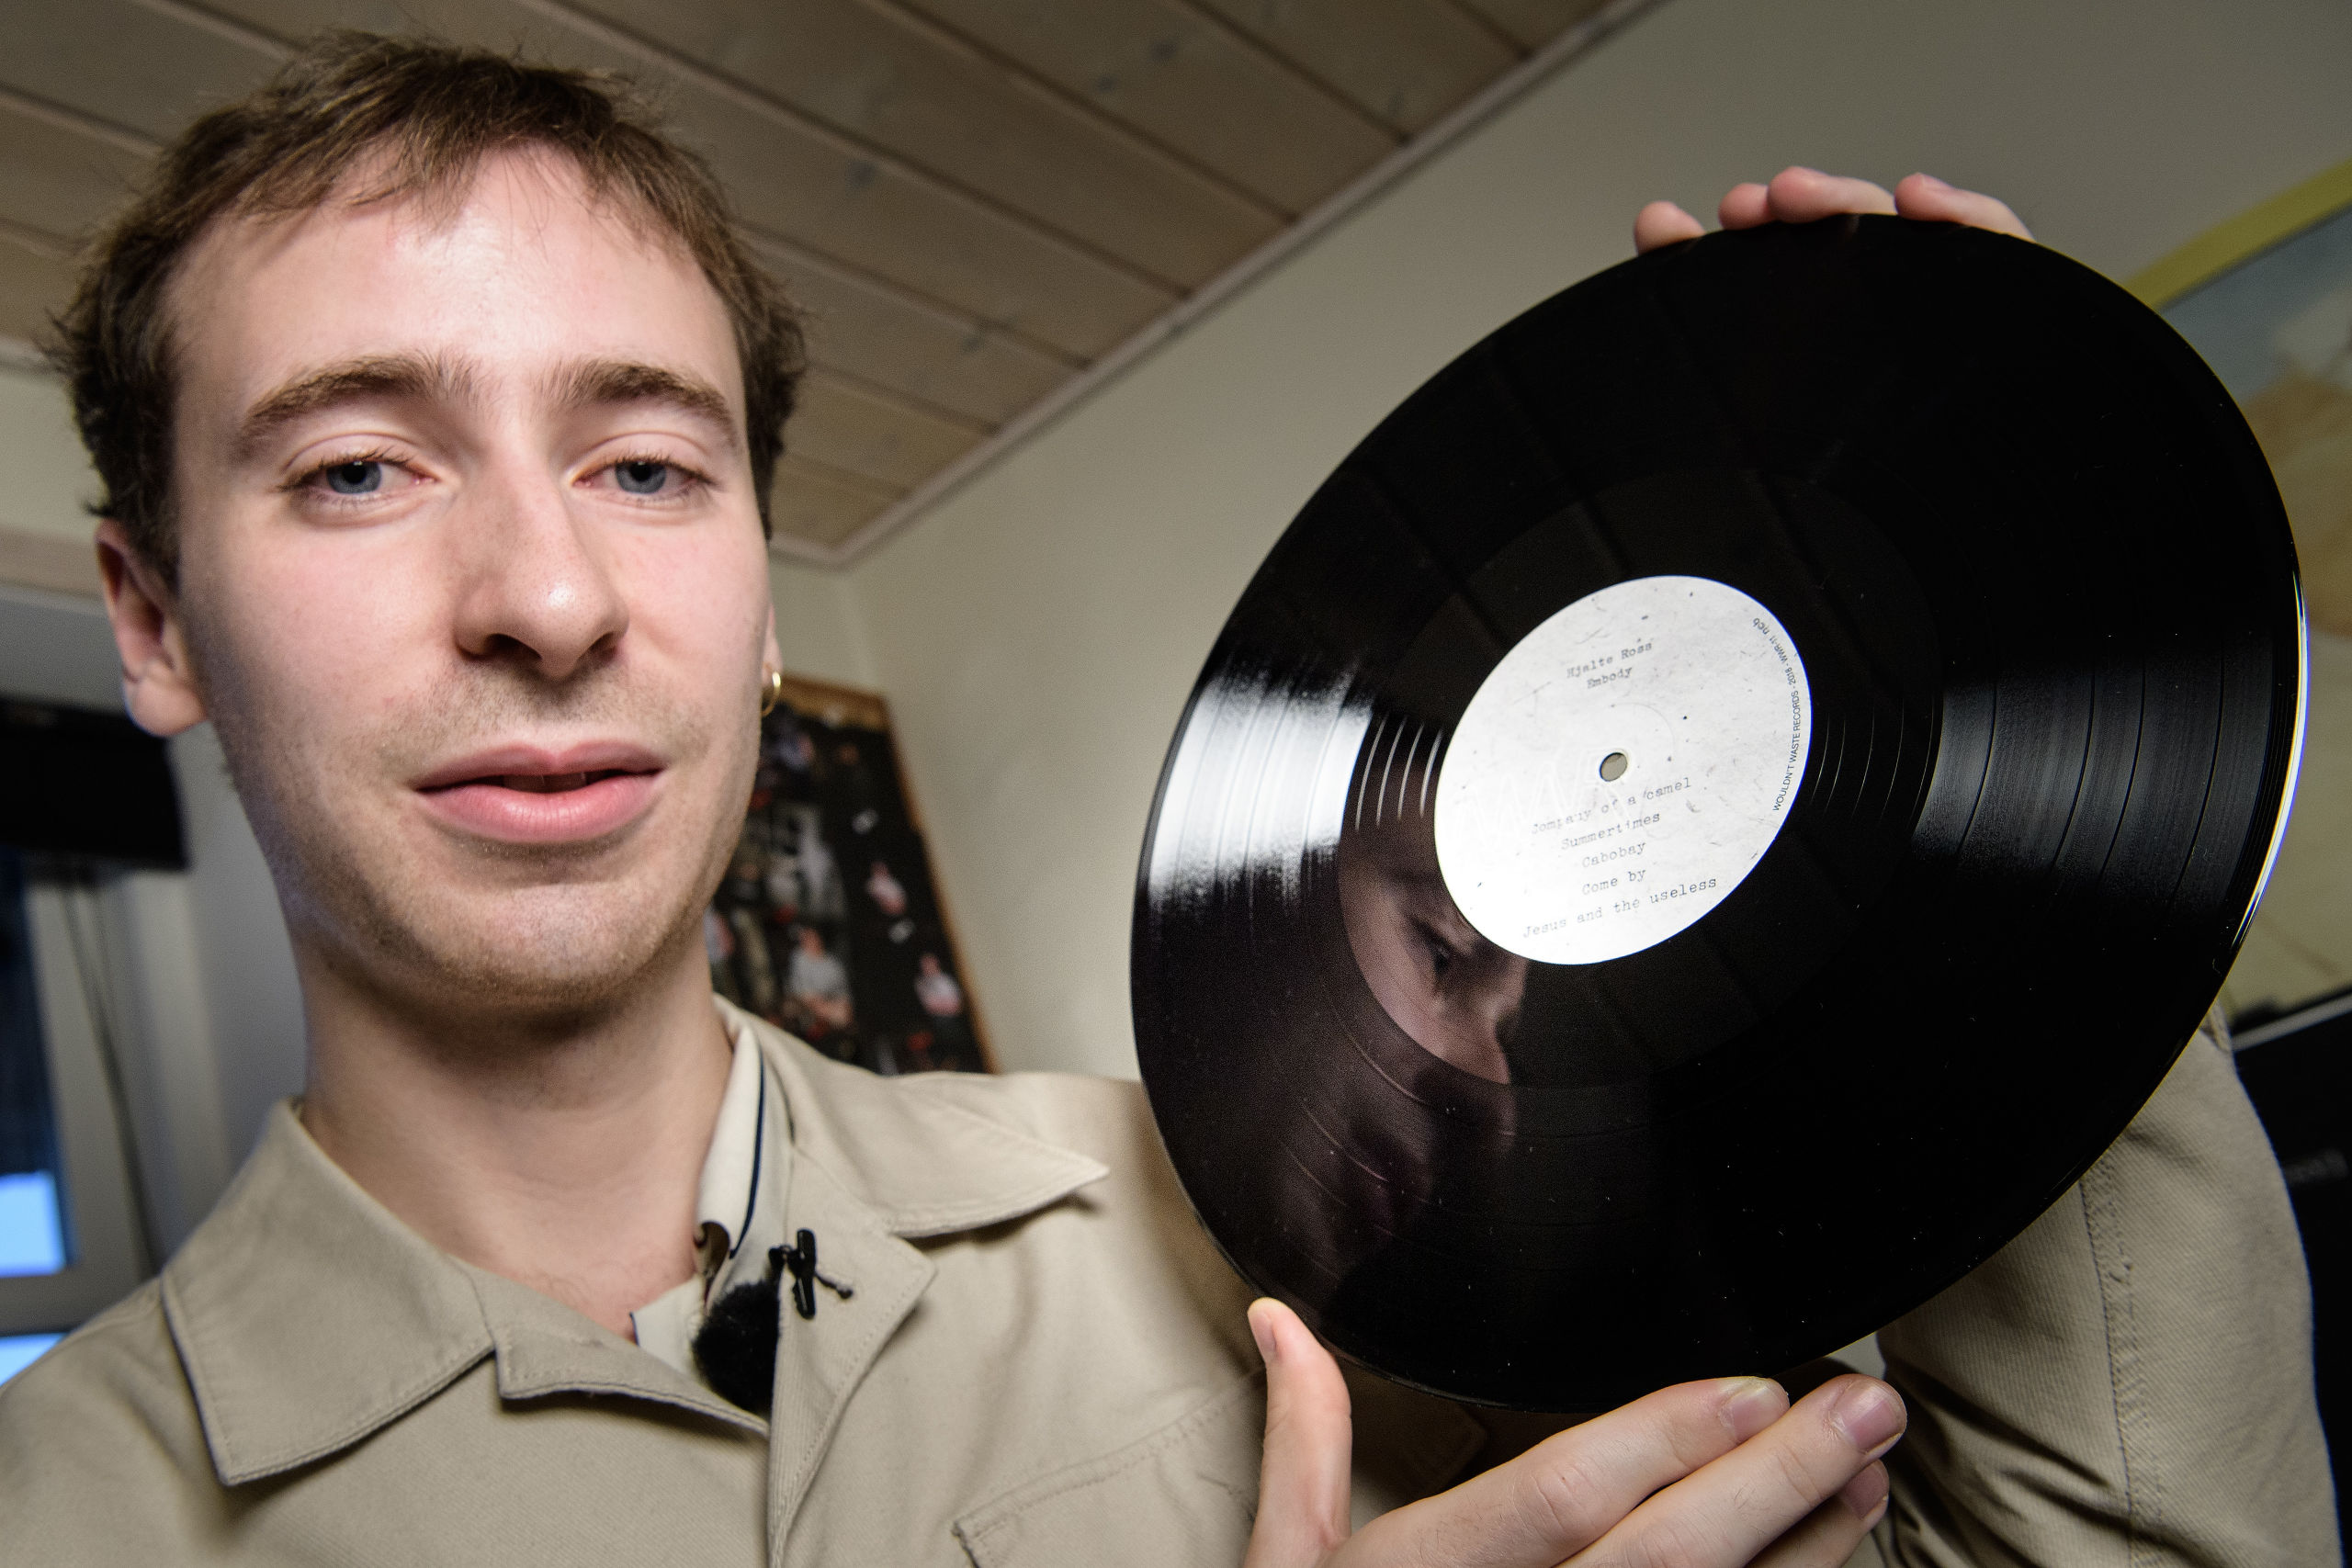 21-årig nordjyde fik kendt britisk producer til at hjælpe med debutalbum